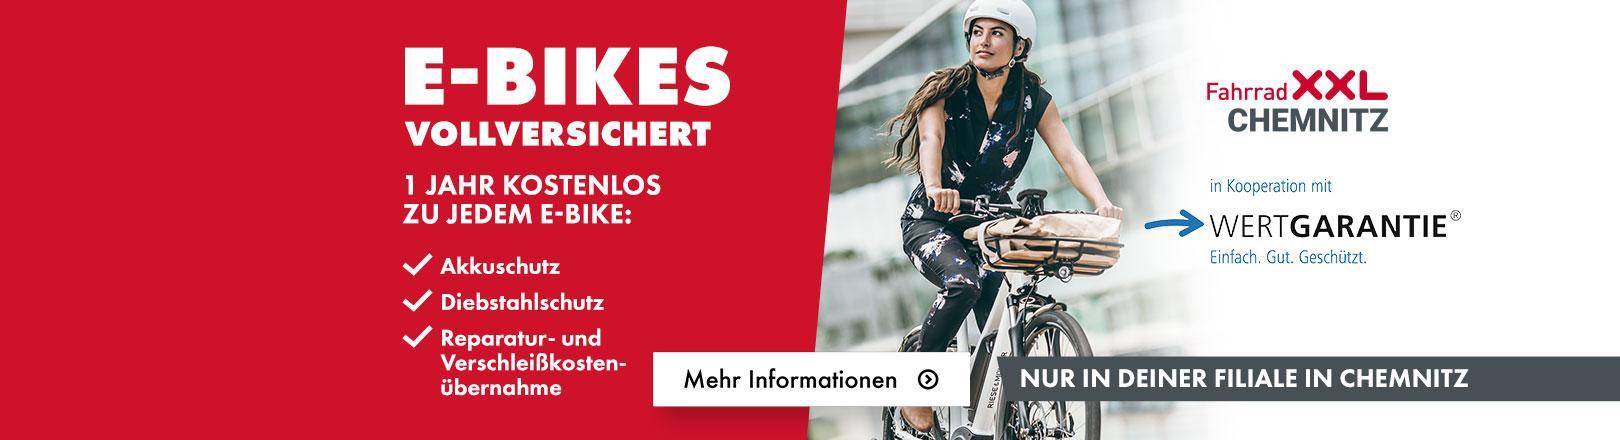 Fahrrad Xxl Emporon Dein Fahrradladen In Chemnitz